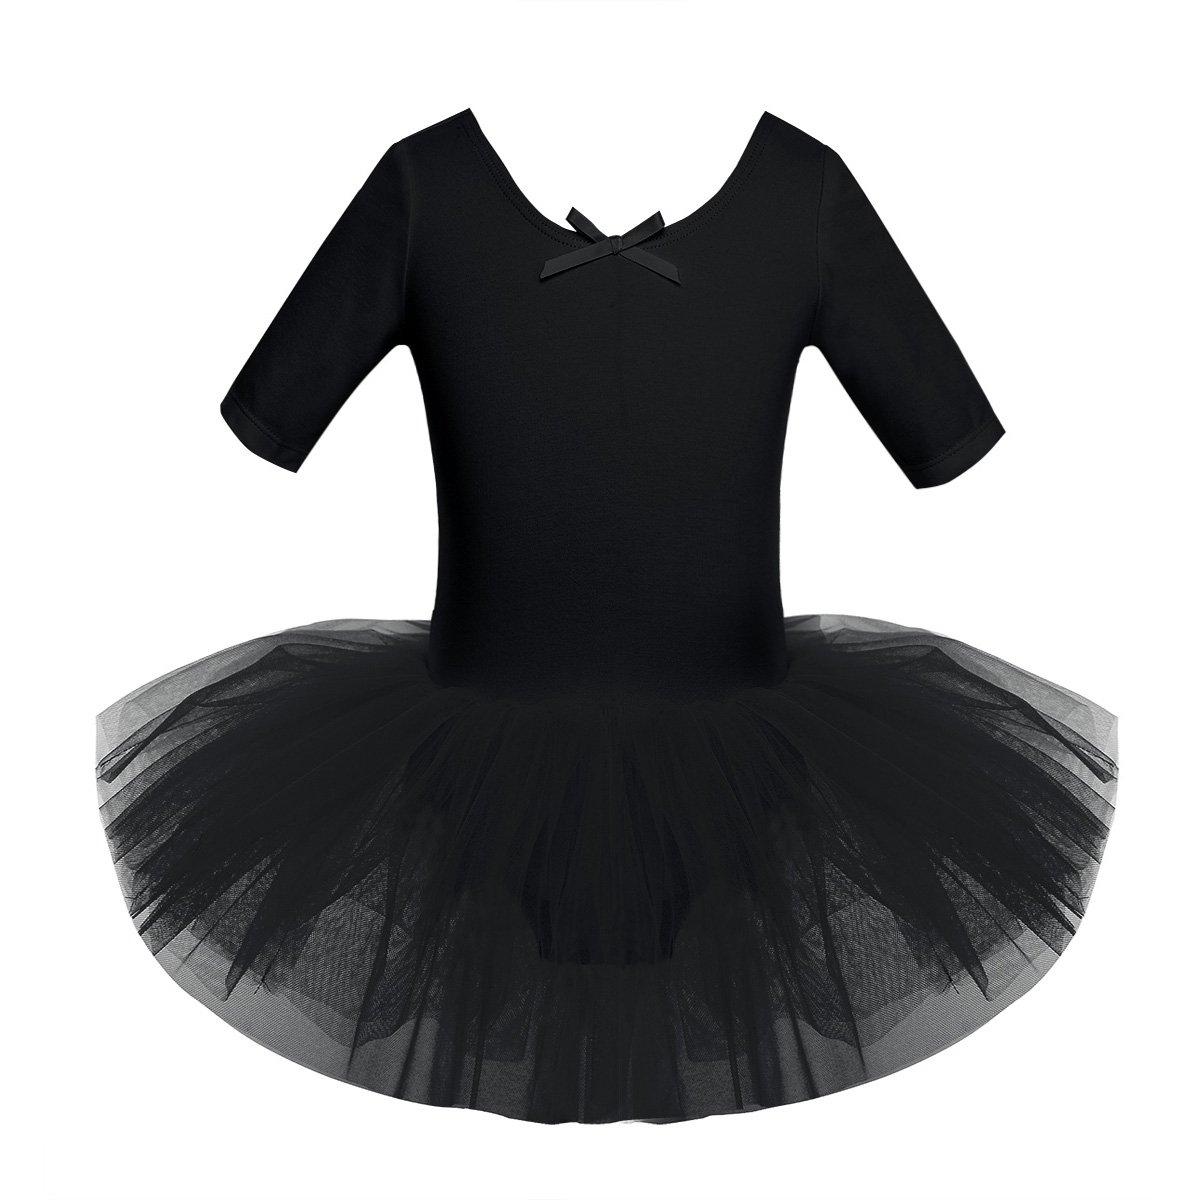 【中古】 iiniim DRESS ガールズ B079L4T3QM 2-3|Short 43499 iiniim Sleeve Black Black Short Sleeve Black 43499, 神山町:ff962f80 --- buyanyproducts.com